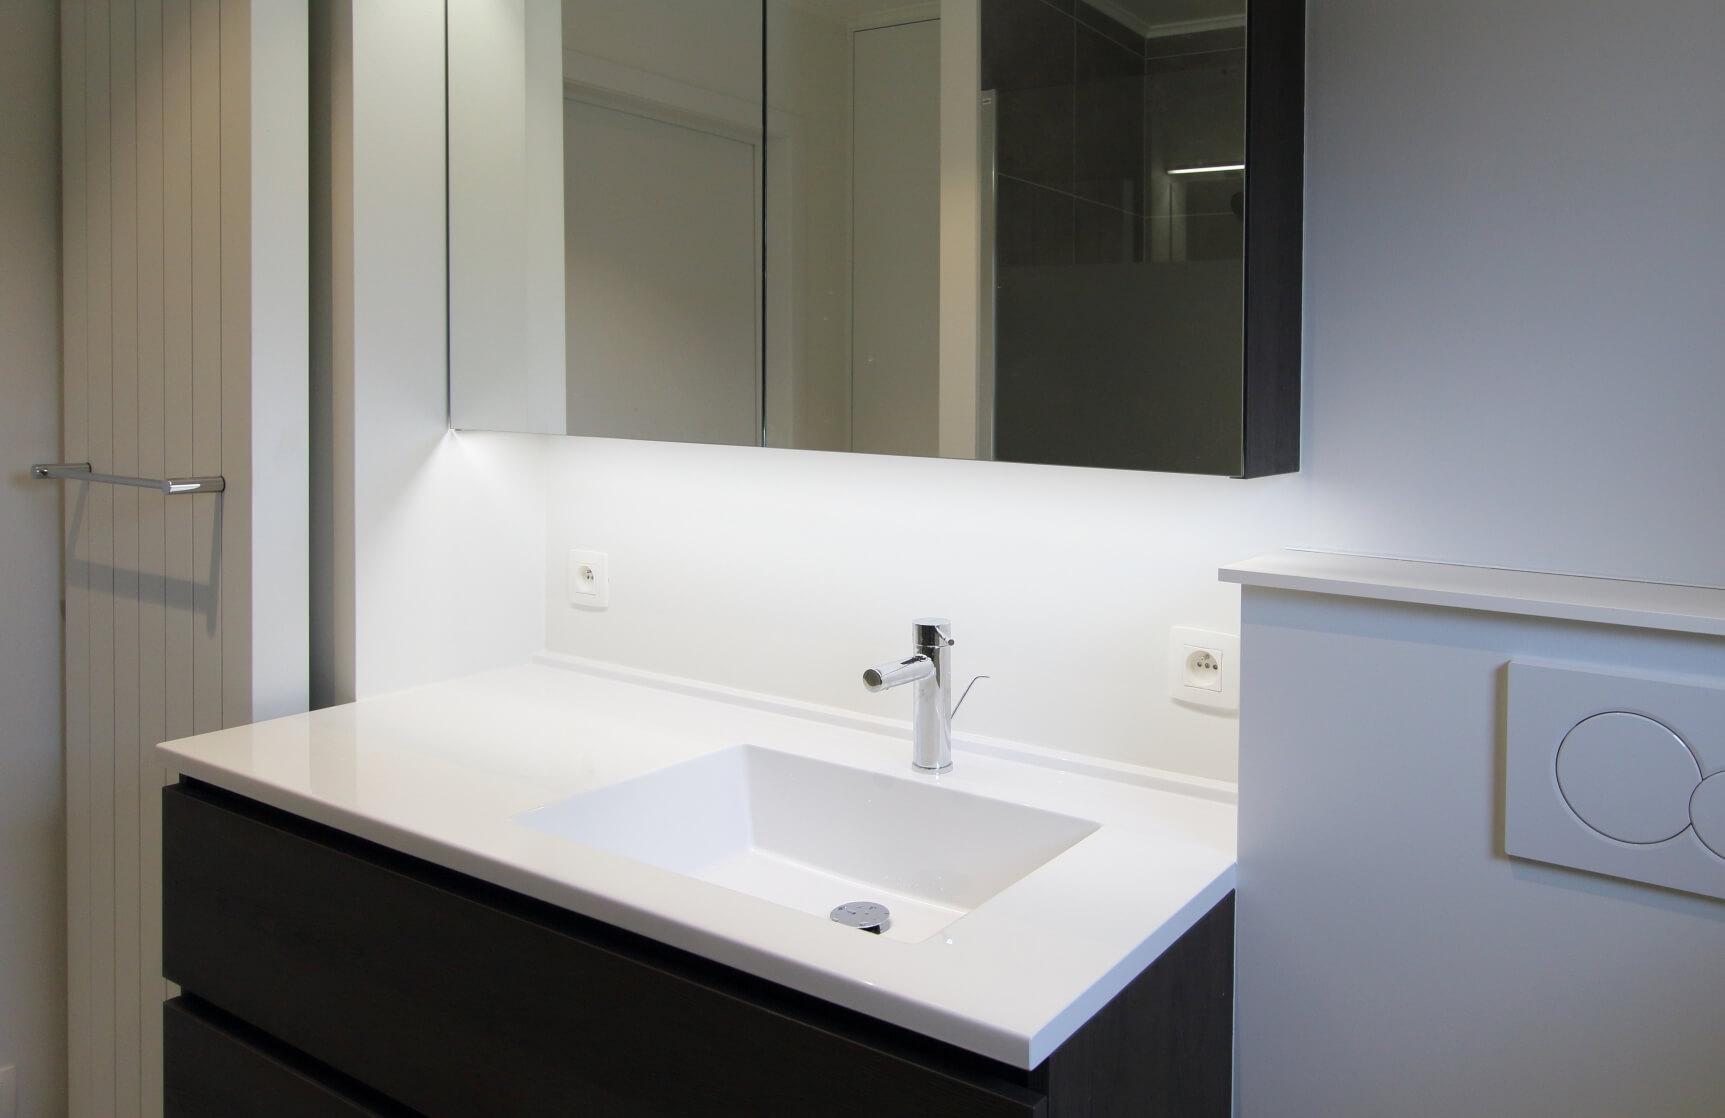 Keuken Laten Plaatsen : Nieuwe keuken en of badkamer laten plaatsen